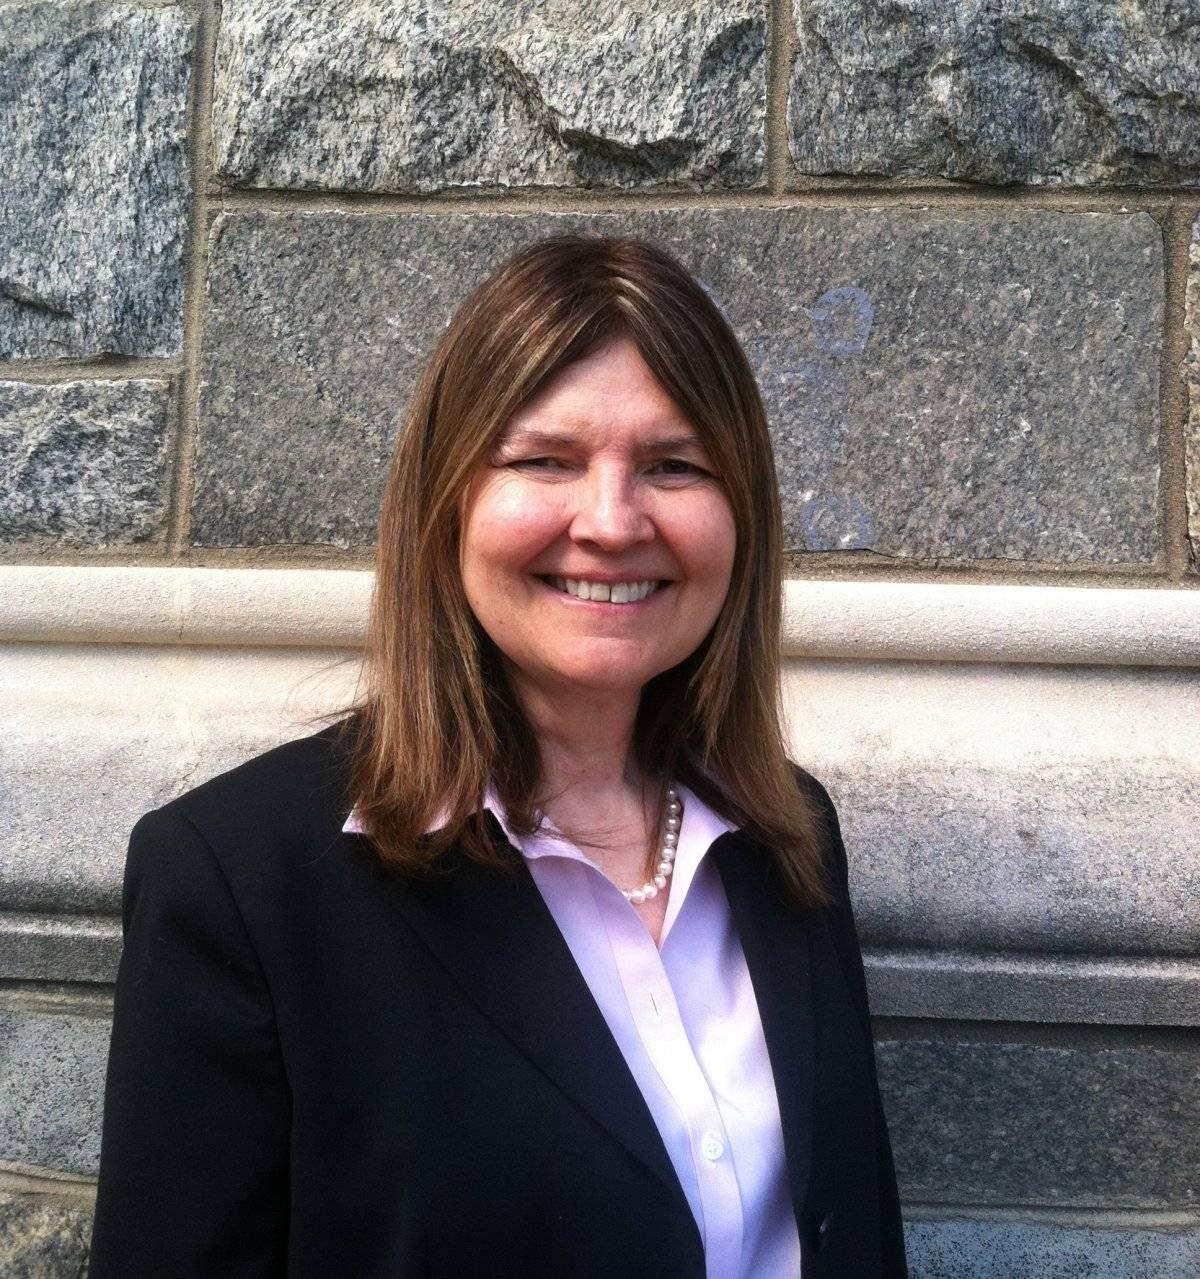 Sandra L. Calvert, profesora del Departamento de Psicología, Universidad de Georgetown